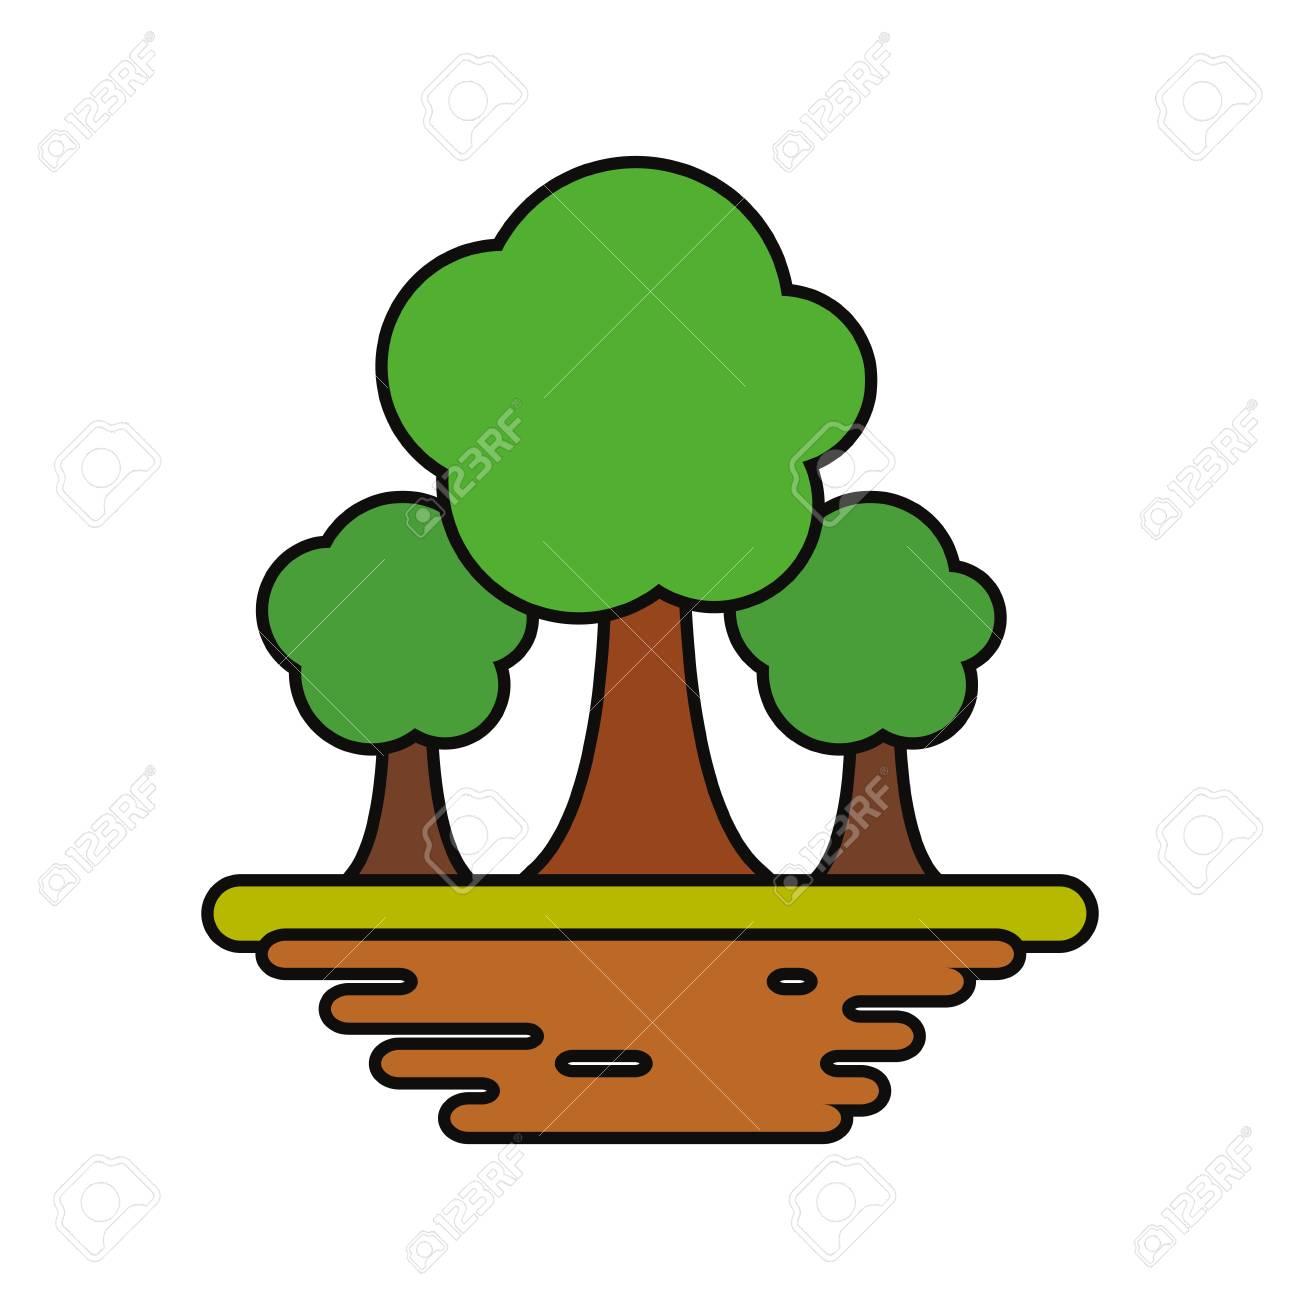 Icono Gráfico De árboles Naturaleza Símbolo Dibujos Animados Vector Ilustración